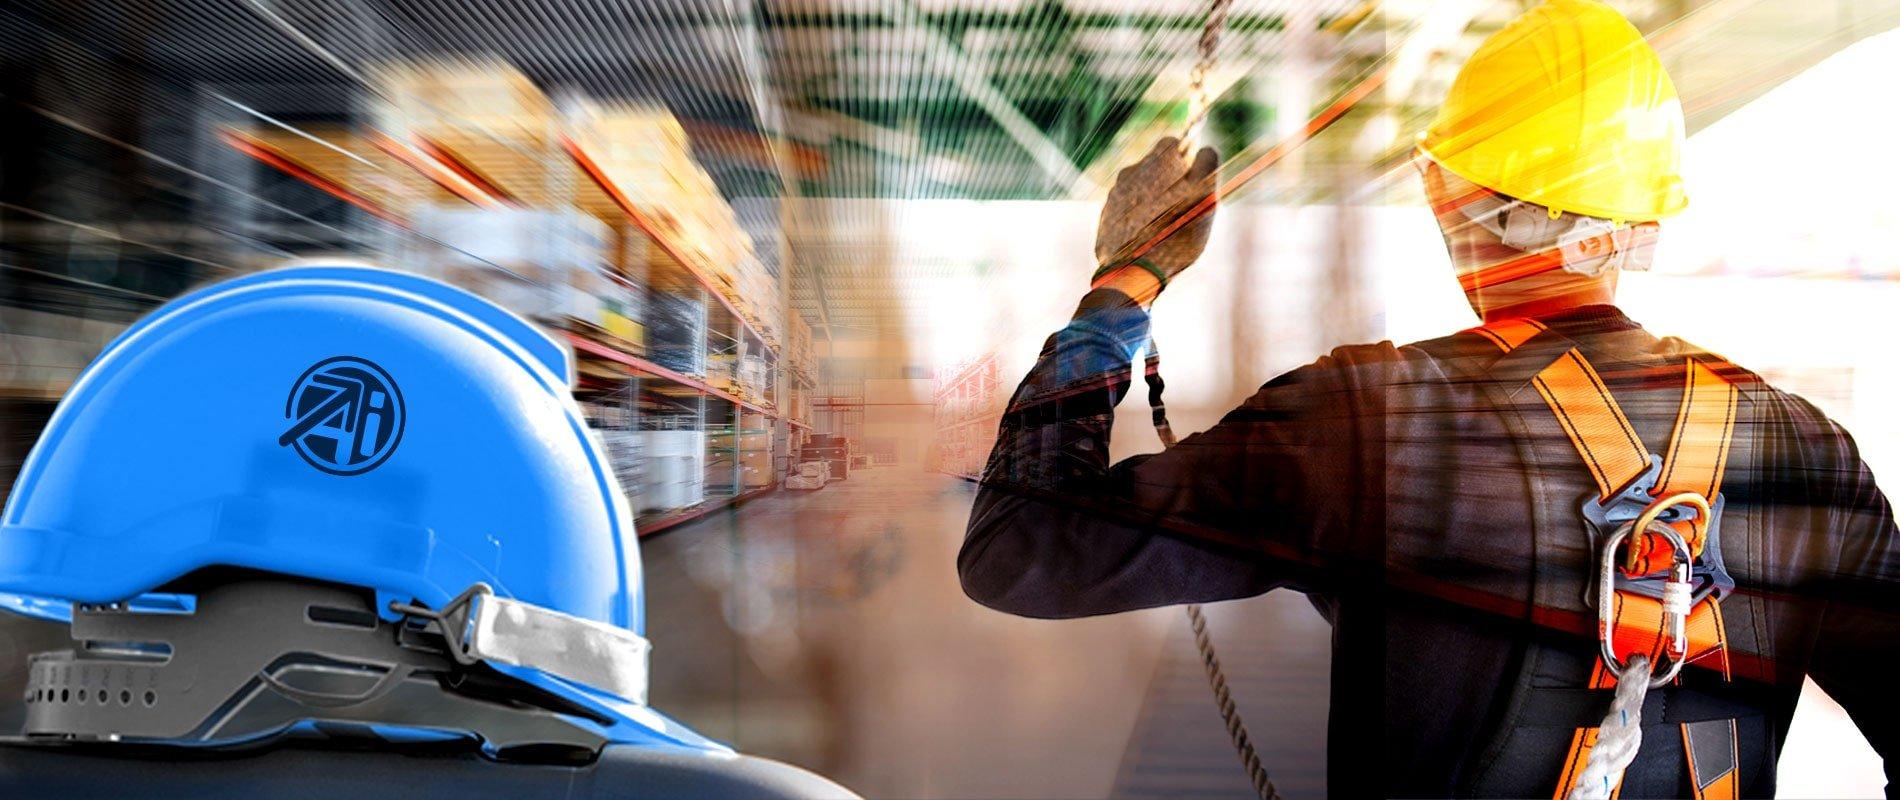 Harnais anti chute